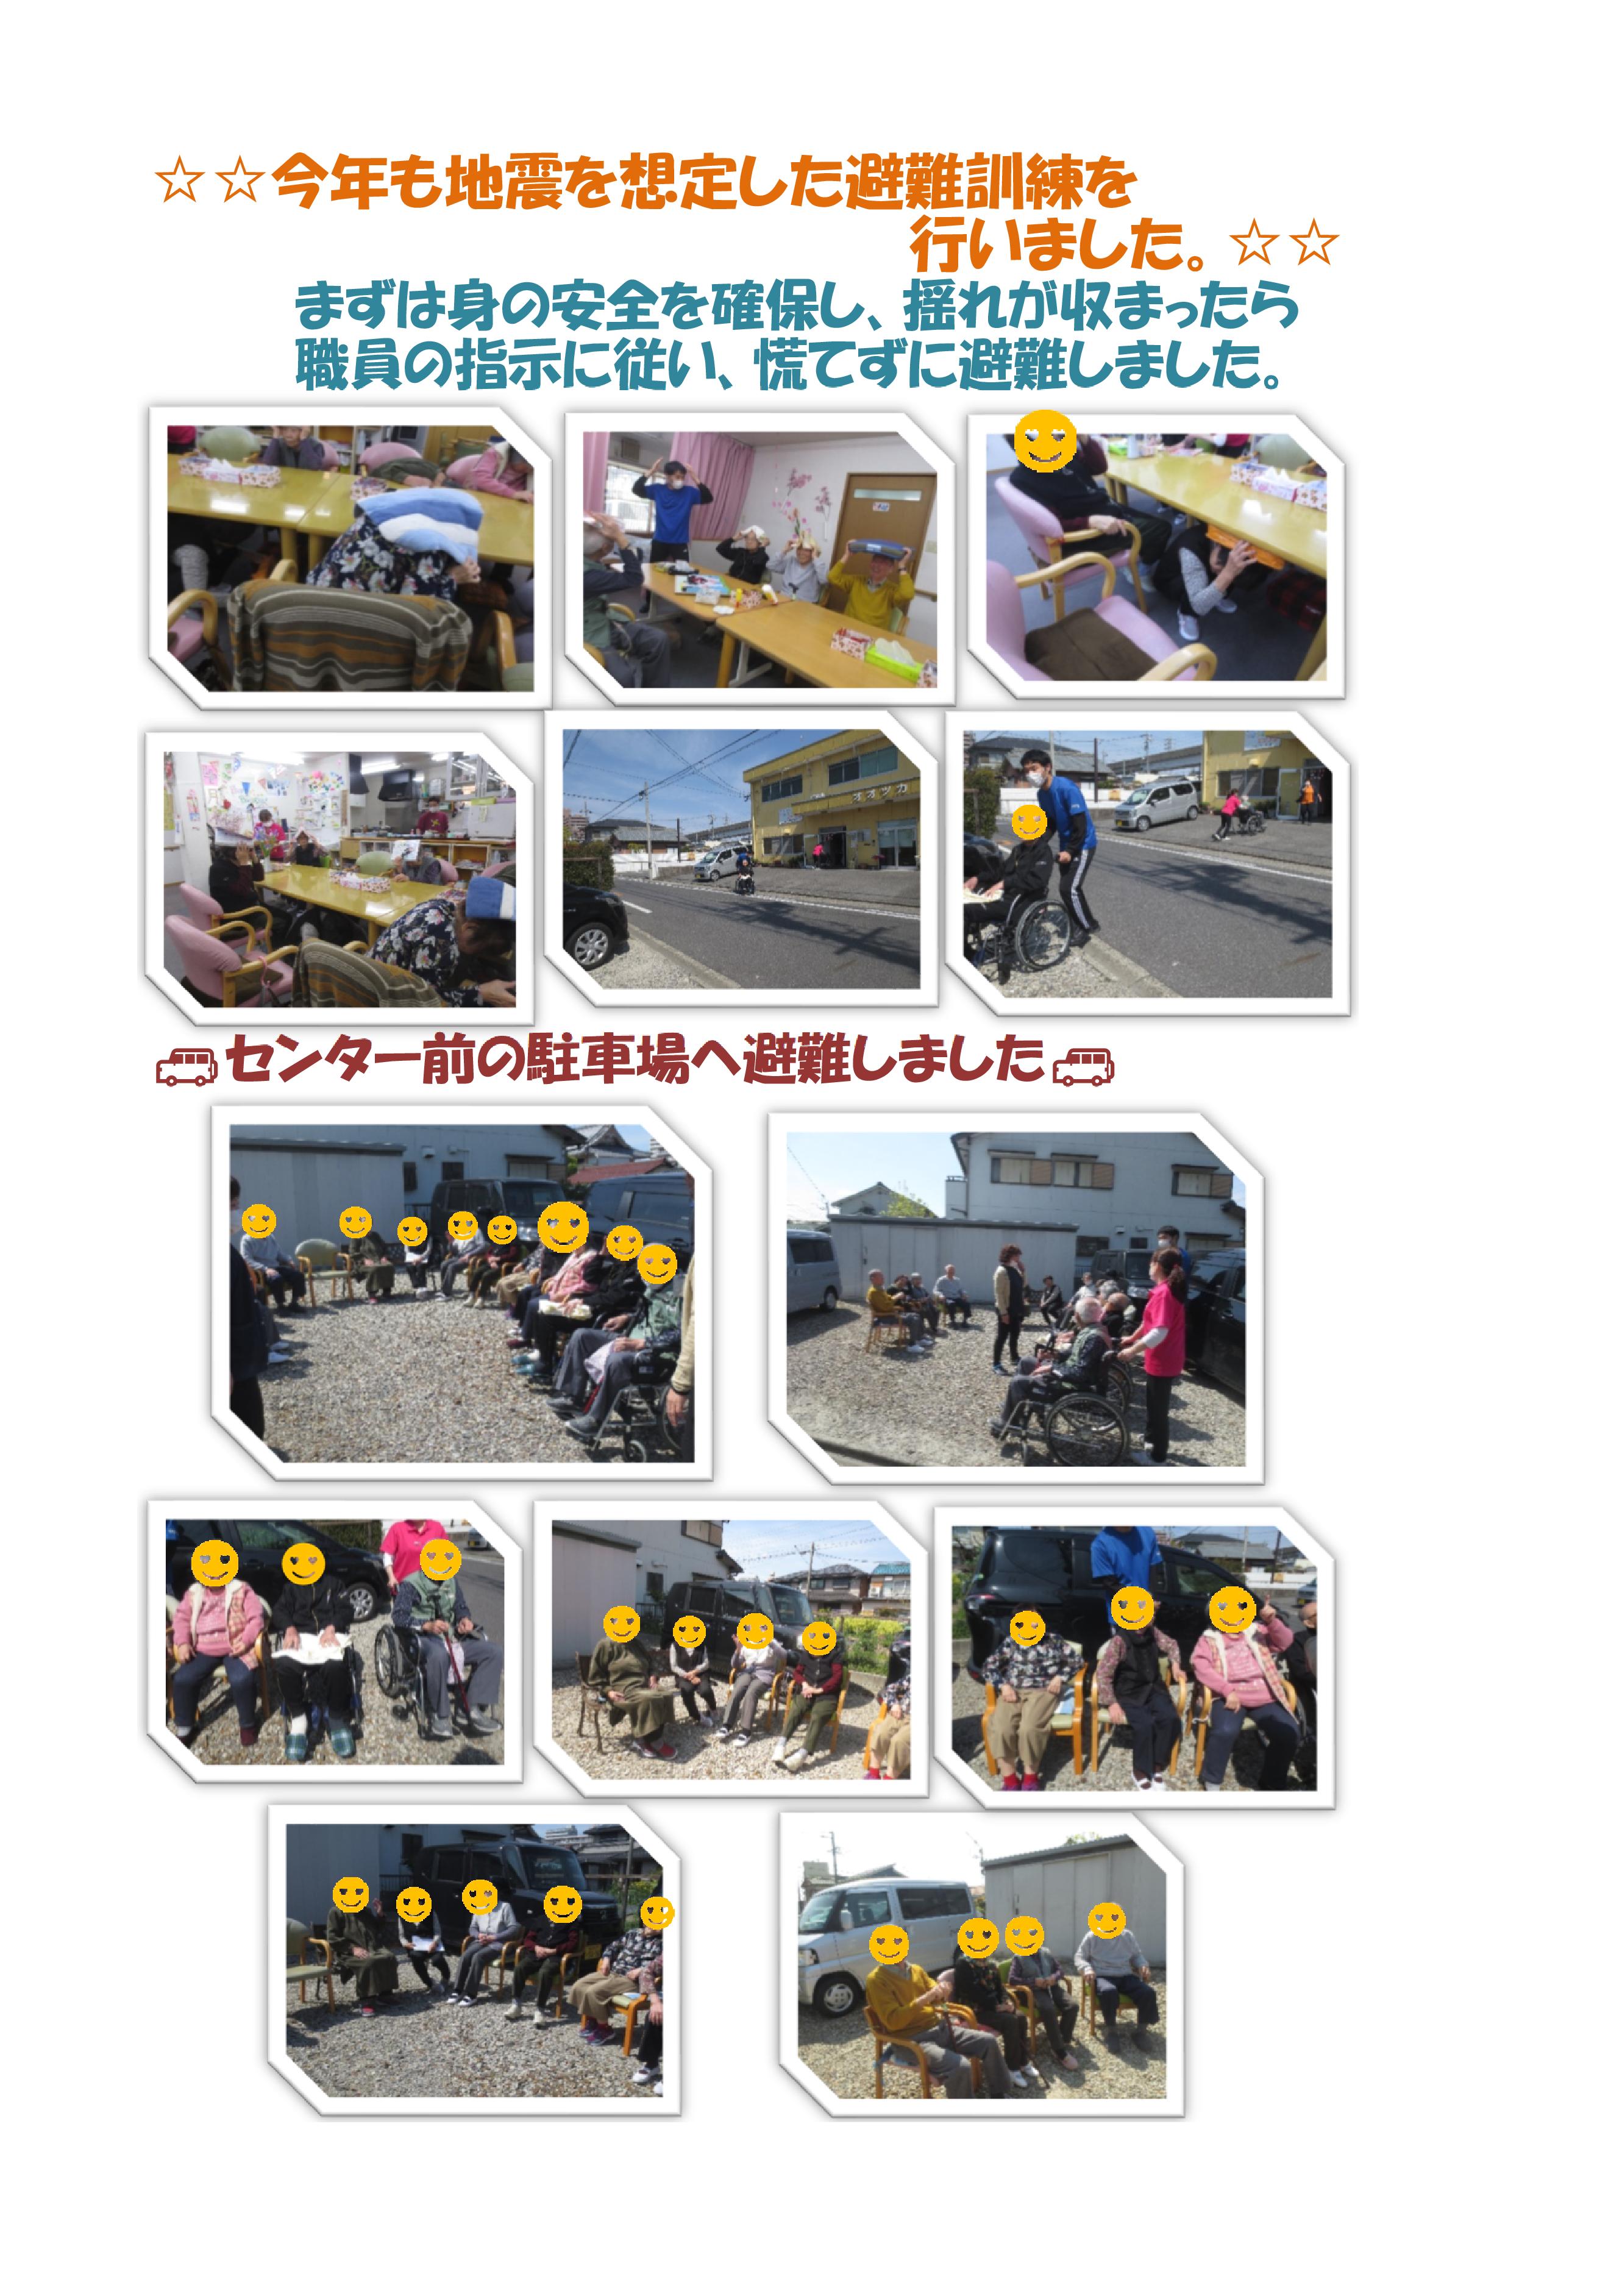 ☆避難訓練☆   うきうきオオツカ